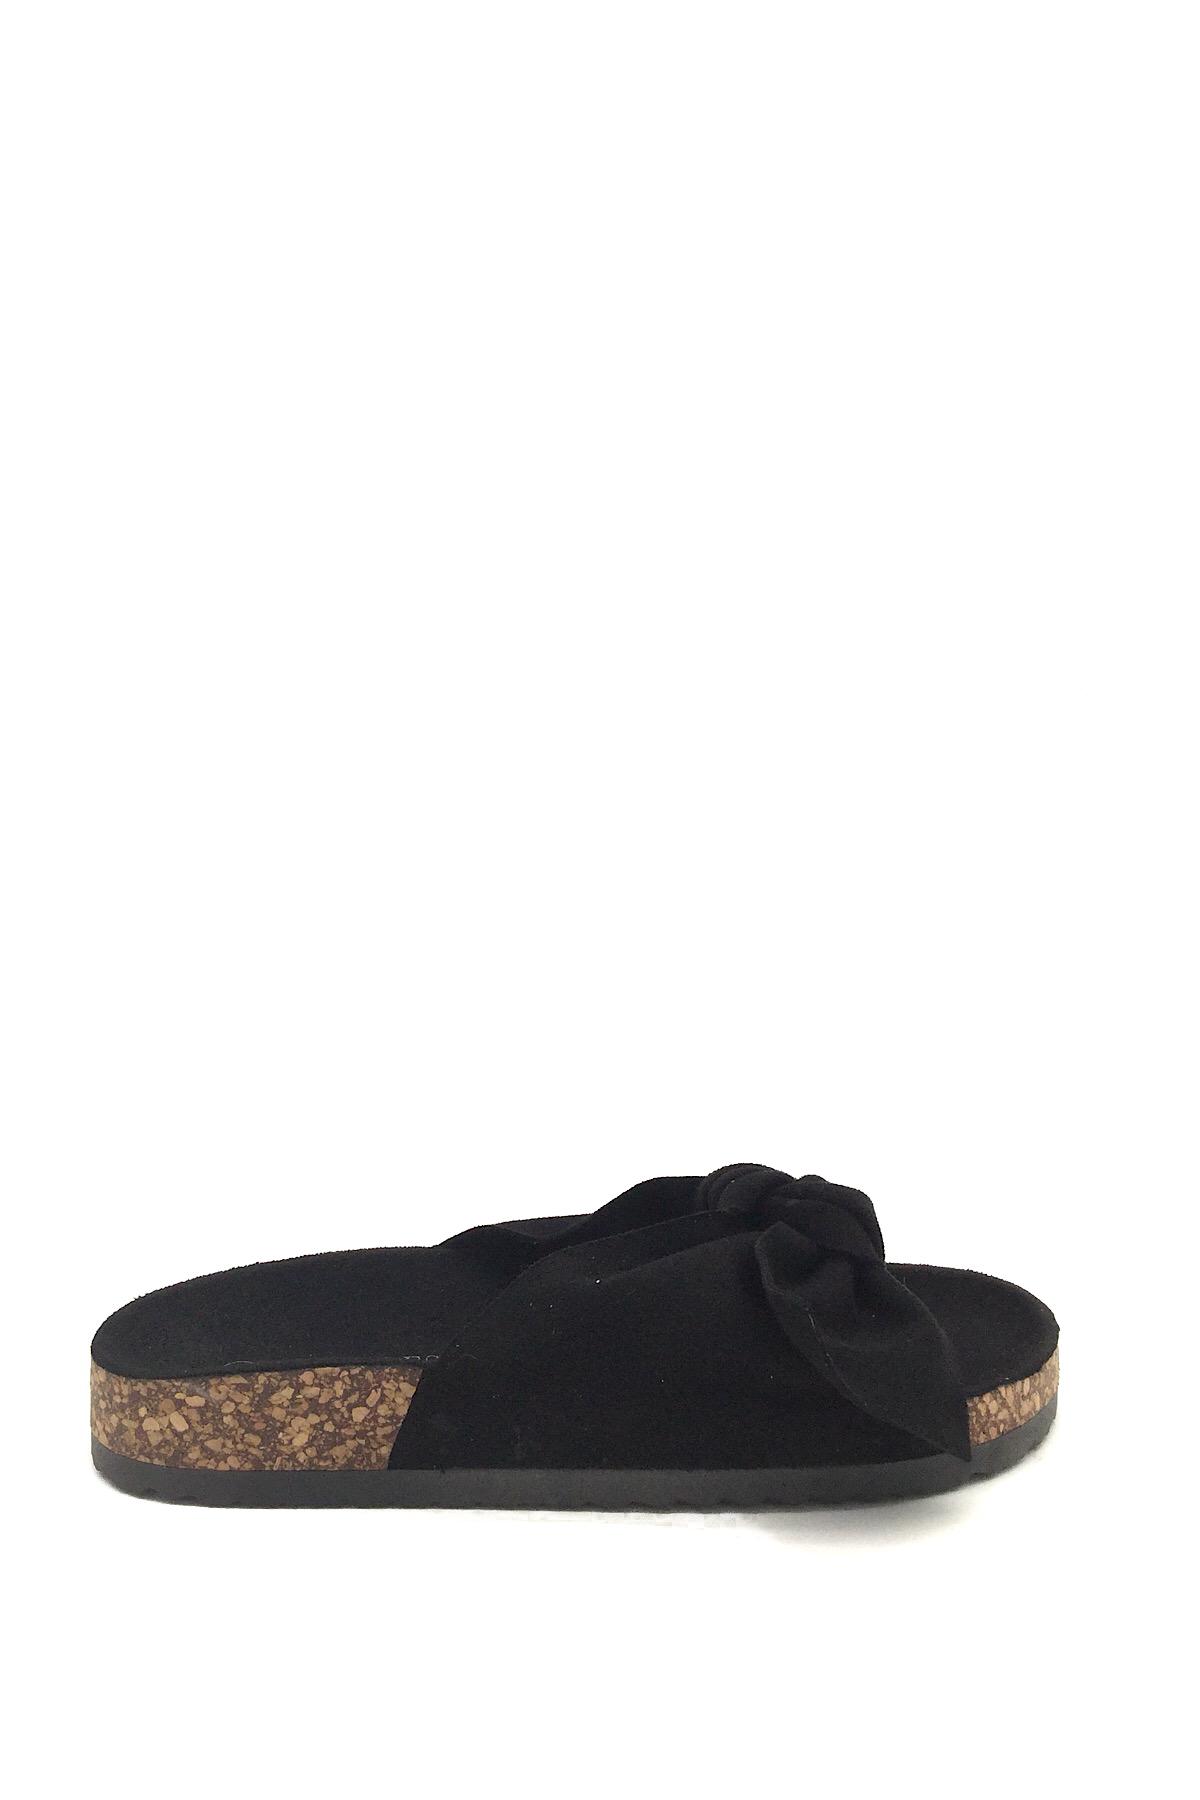 Sandales Chaussures Noir ML SHOES 1011-12 #c eFashion Paris